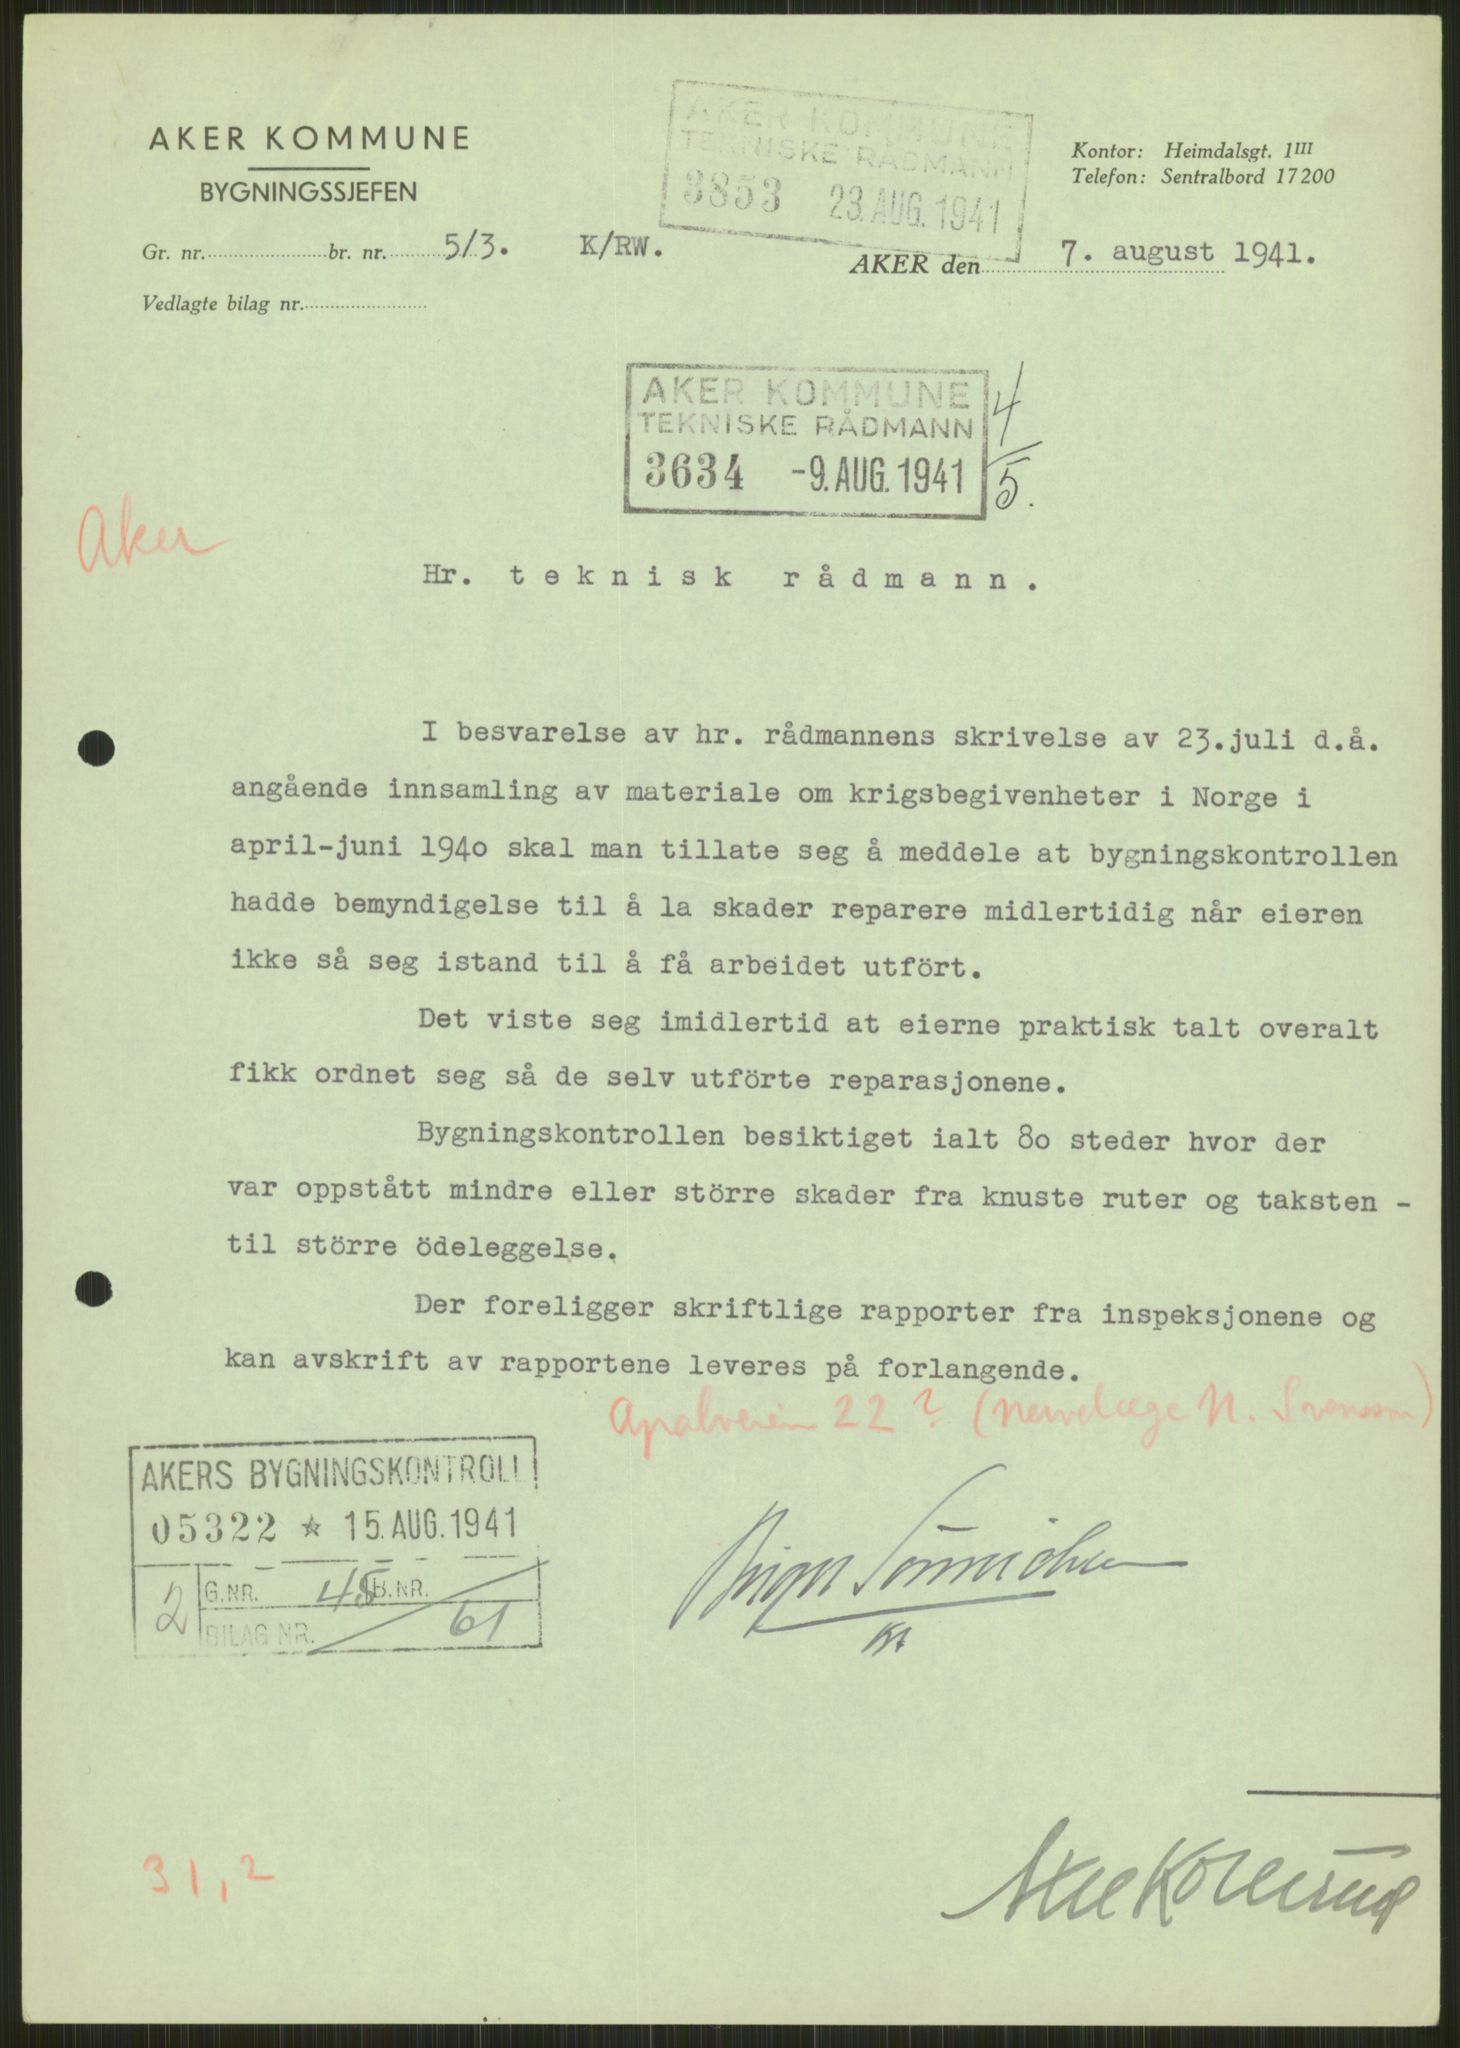 RA, Forsvaret, Forsvarets krigshistoriske avdeling, Y/Ya/L0013: II-C-11-31 - Fylkesmenn.  Rapporter om krigsbegivenhetene 1940., 1940, s. 286